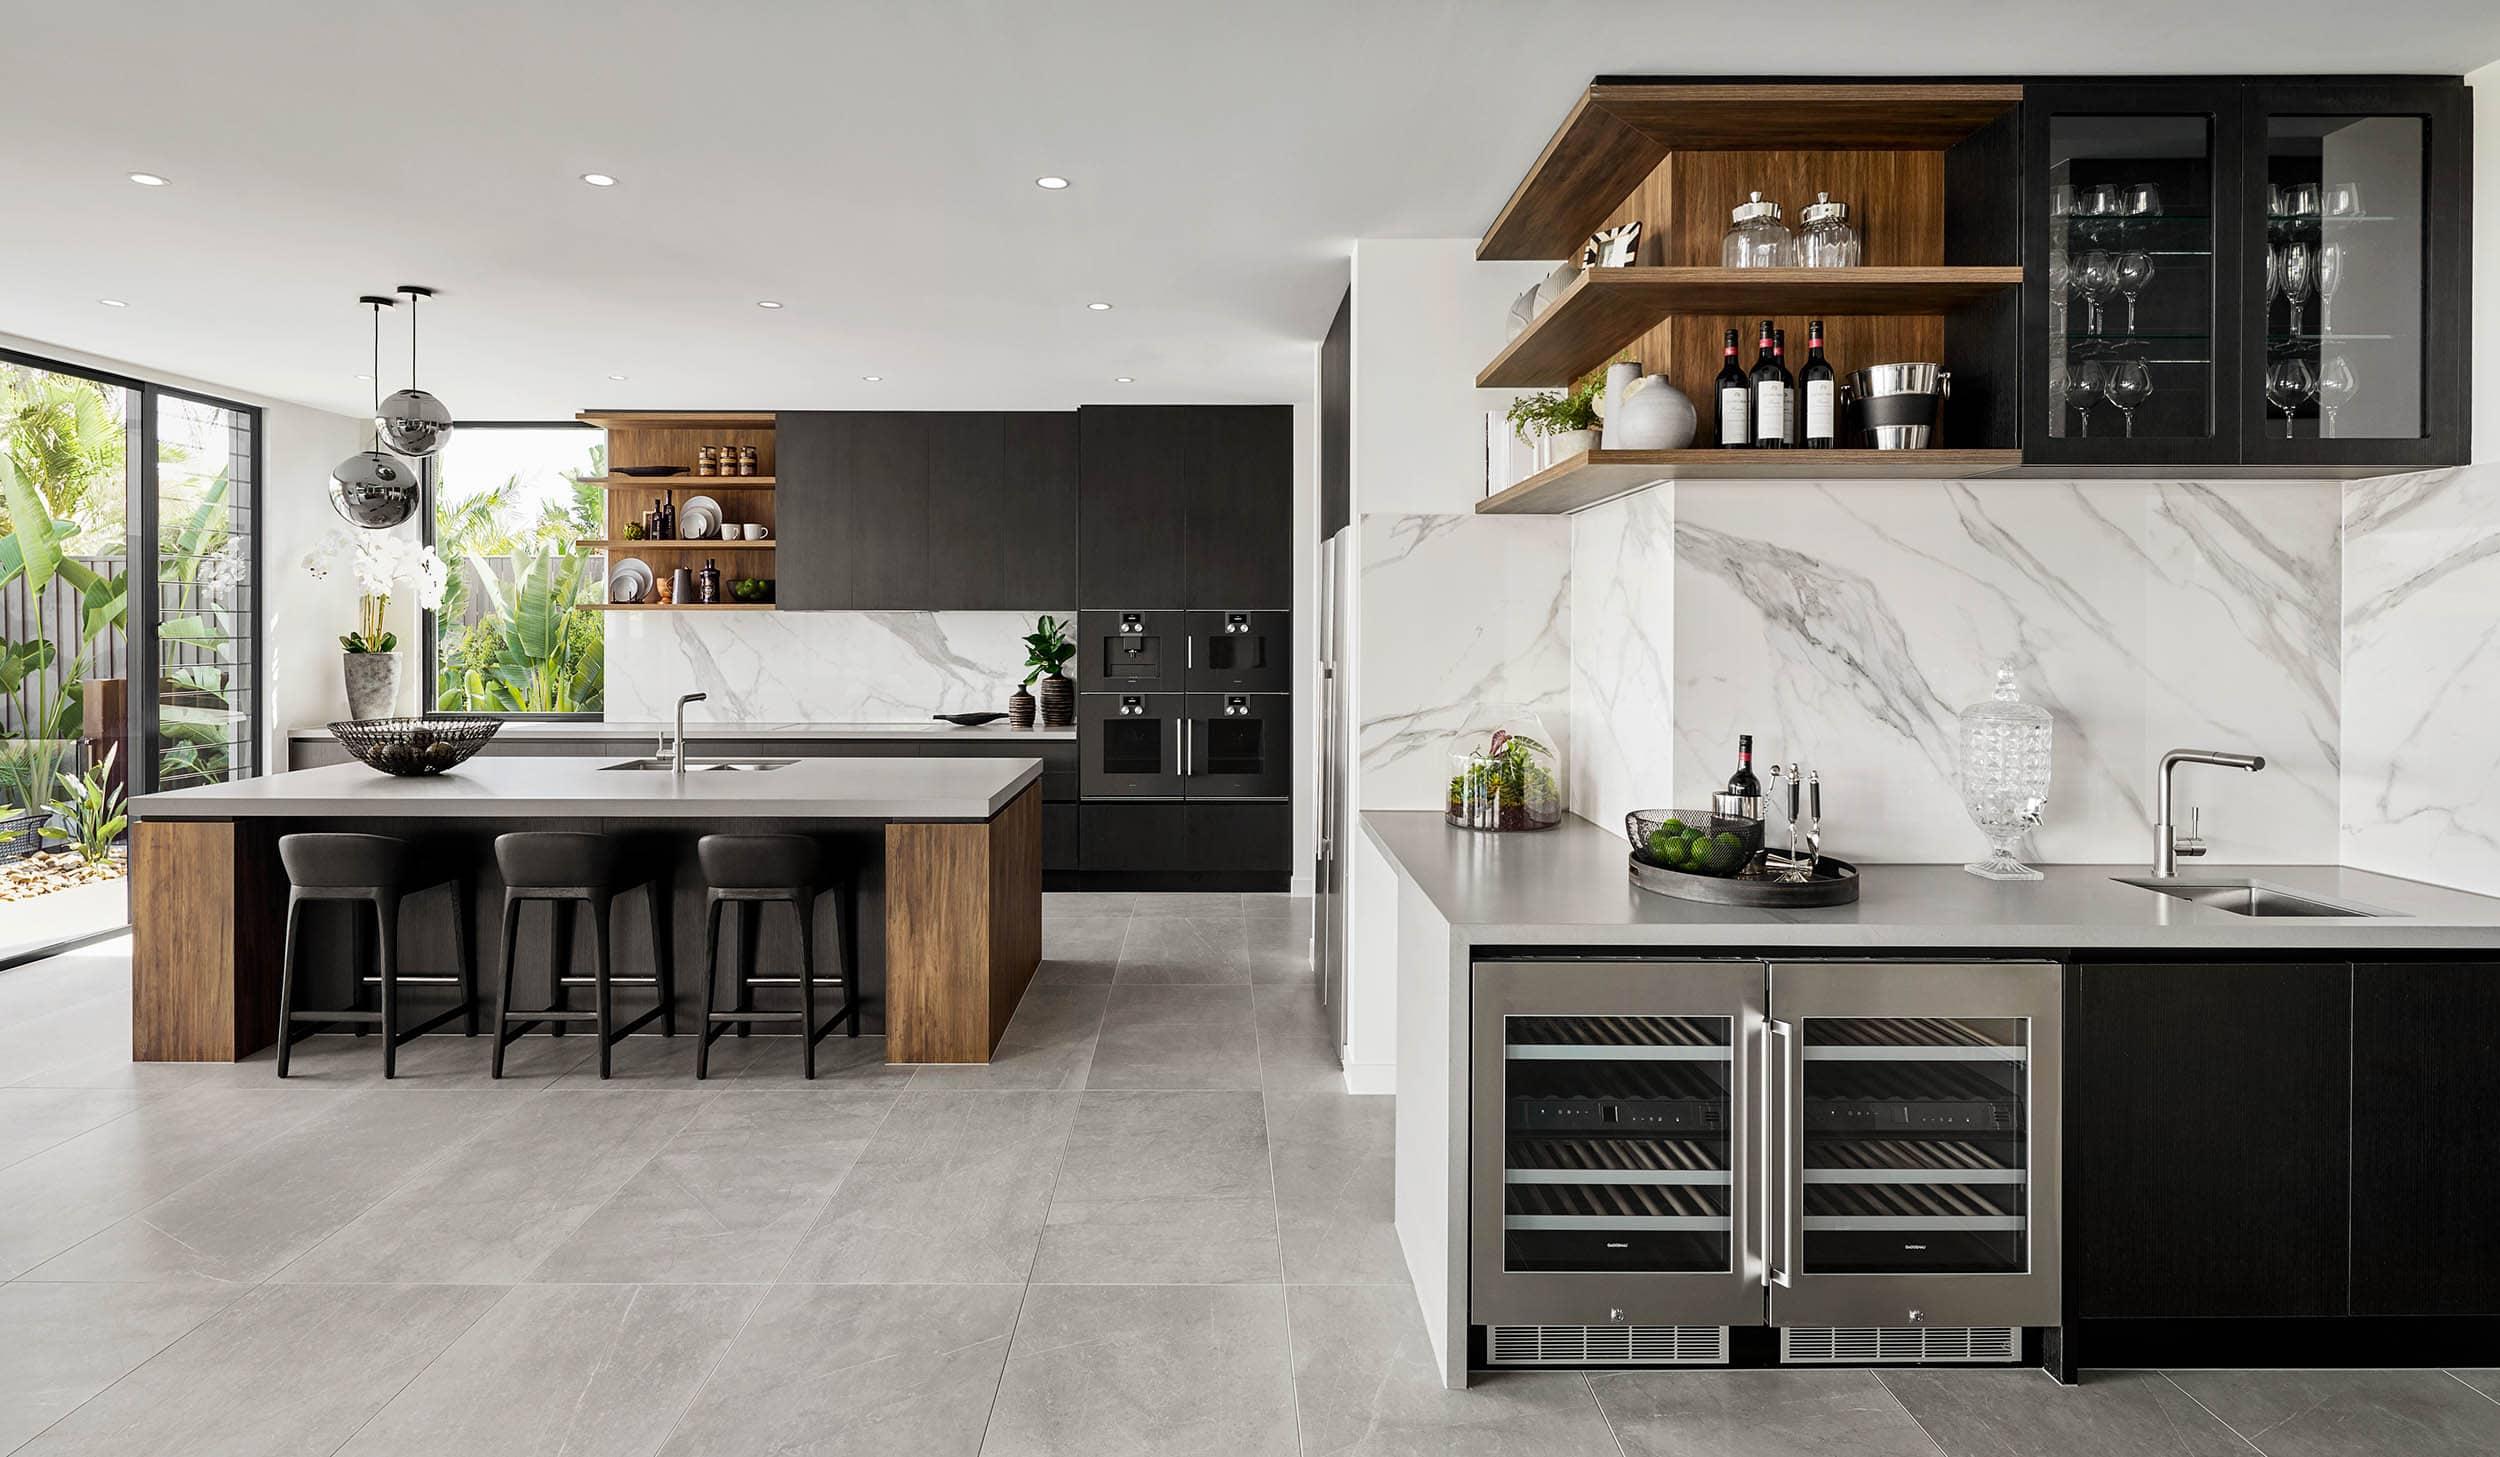 Dark Neutral Interior Design Ideas From An Award Winning Home Tlc Interiors